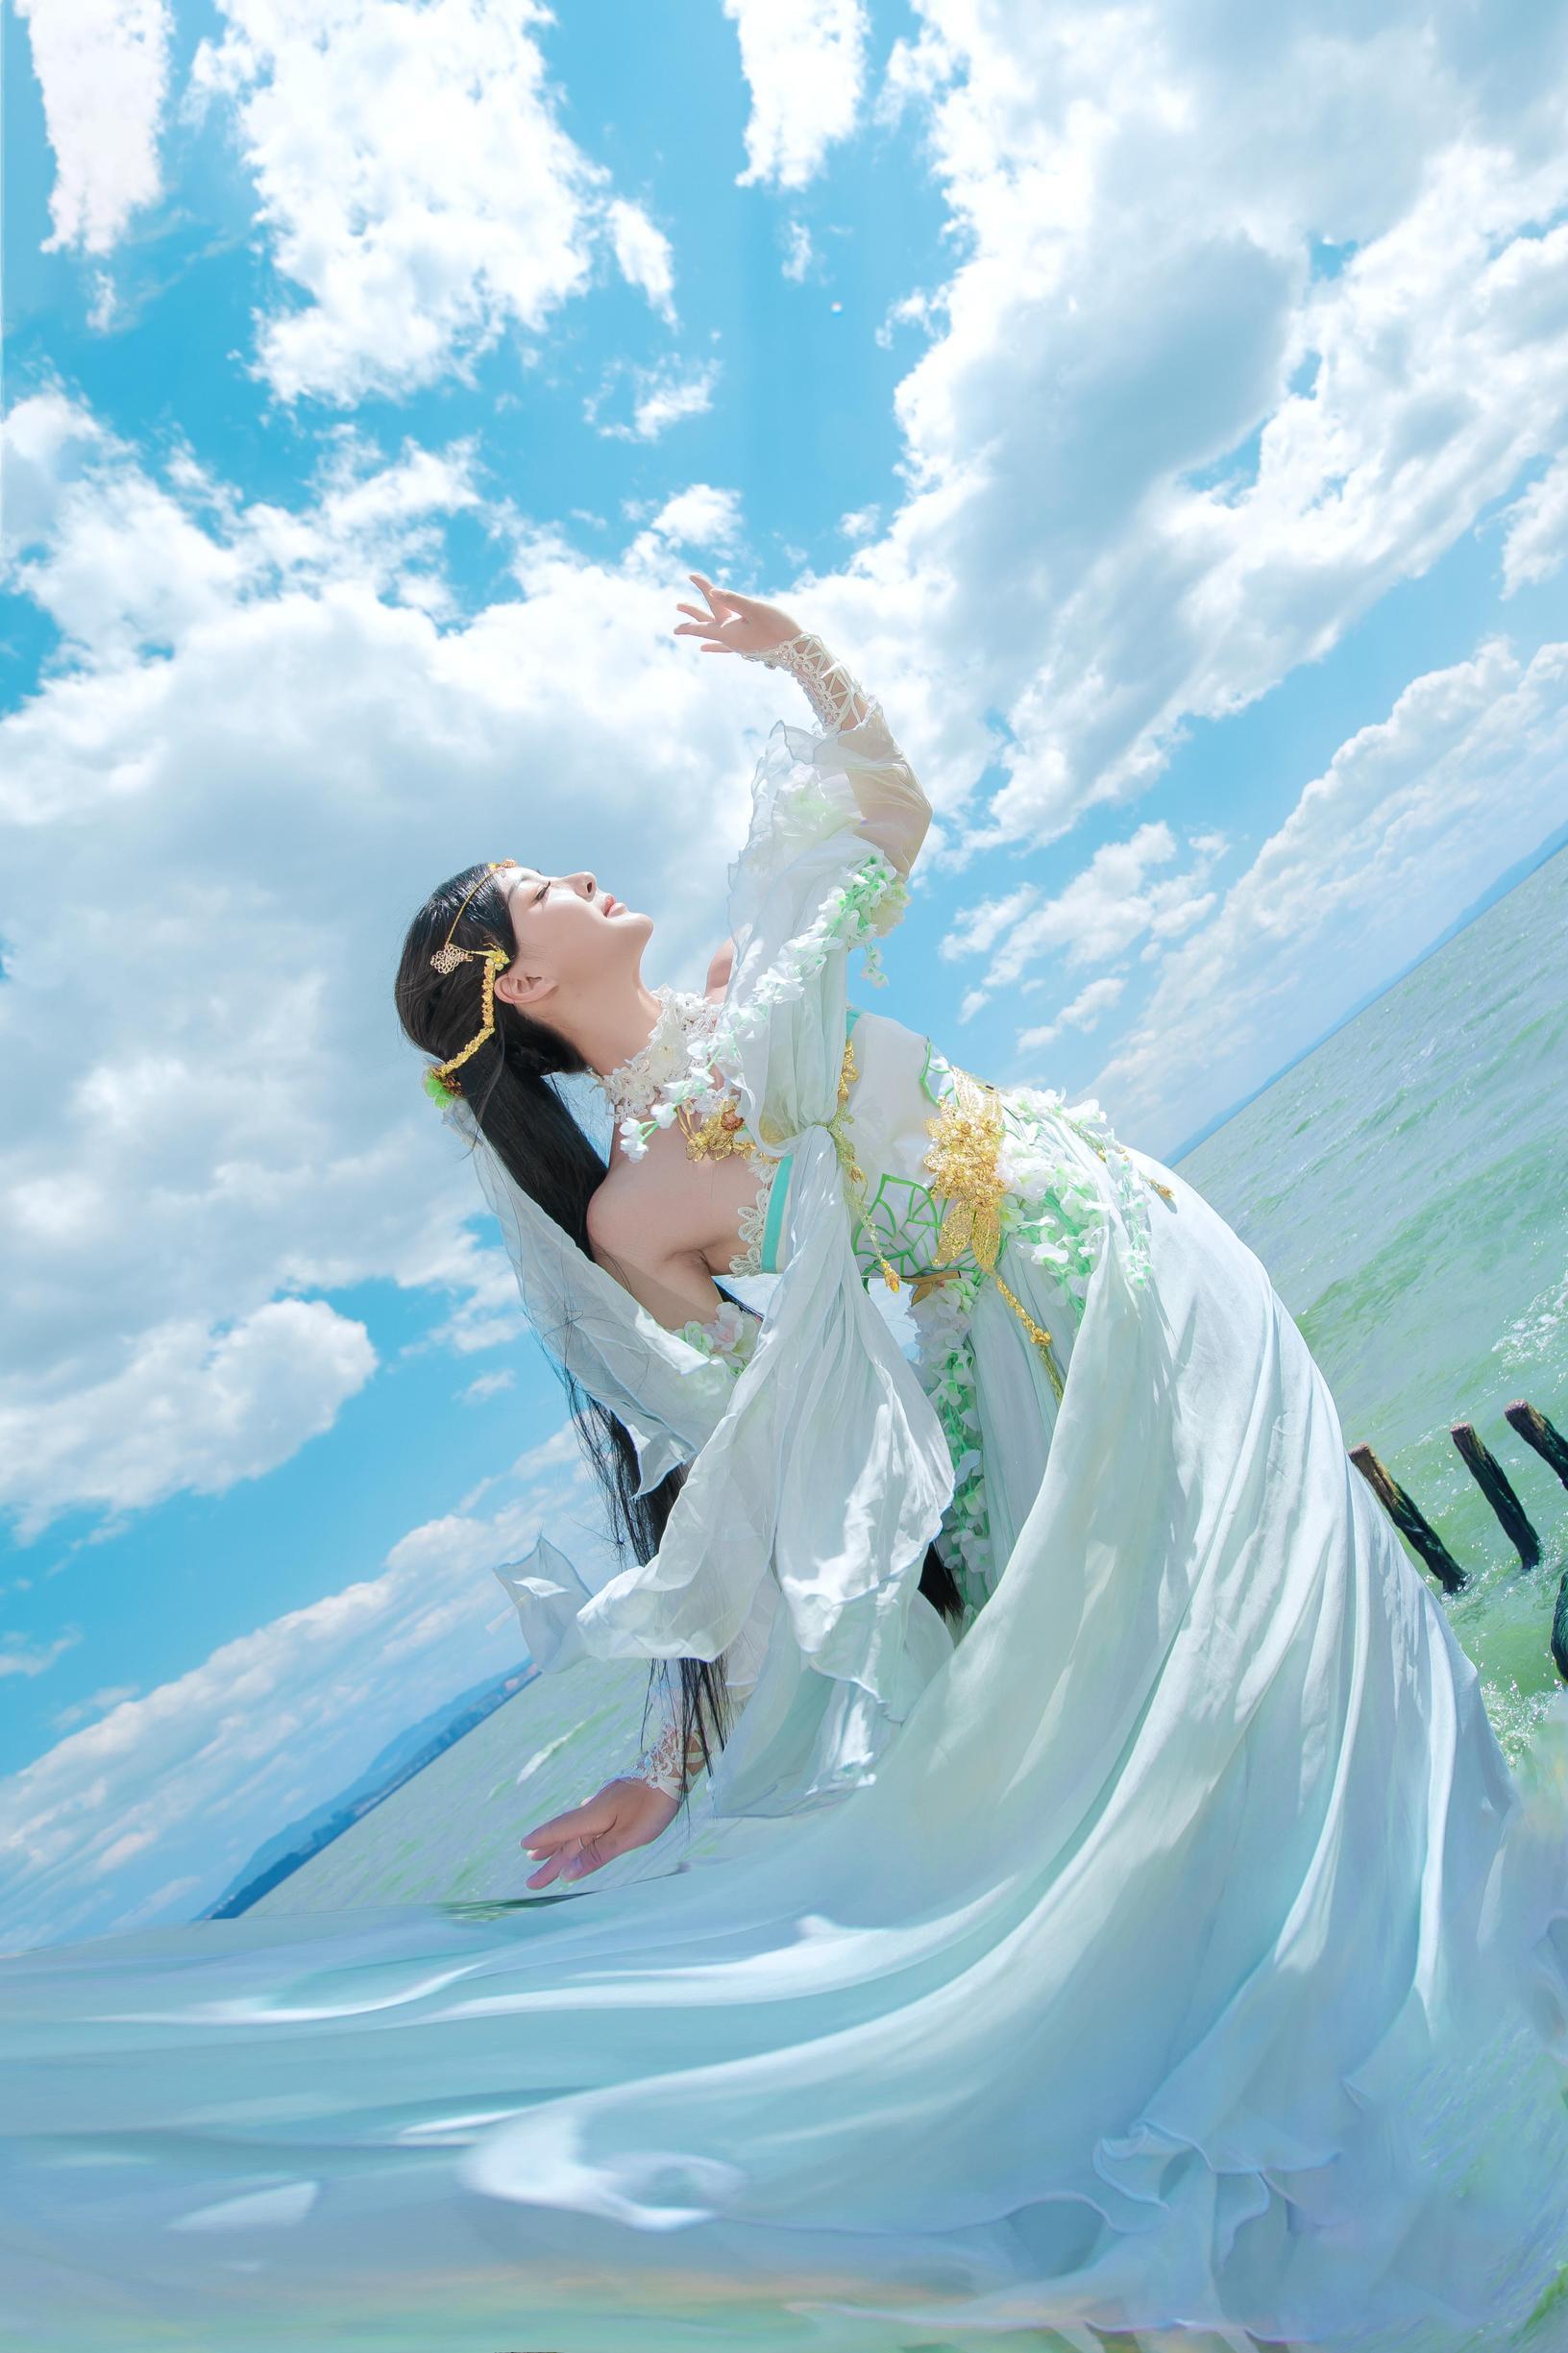 《天涯明月刀OL》古风cosplay【CN:瑶音音】-第1张